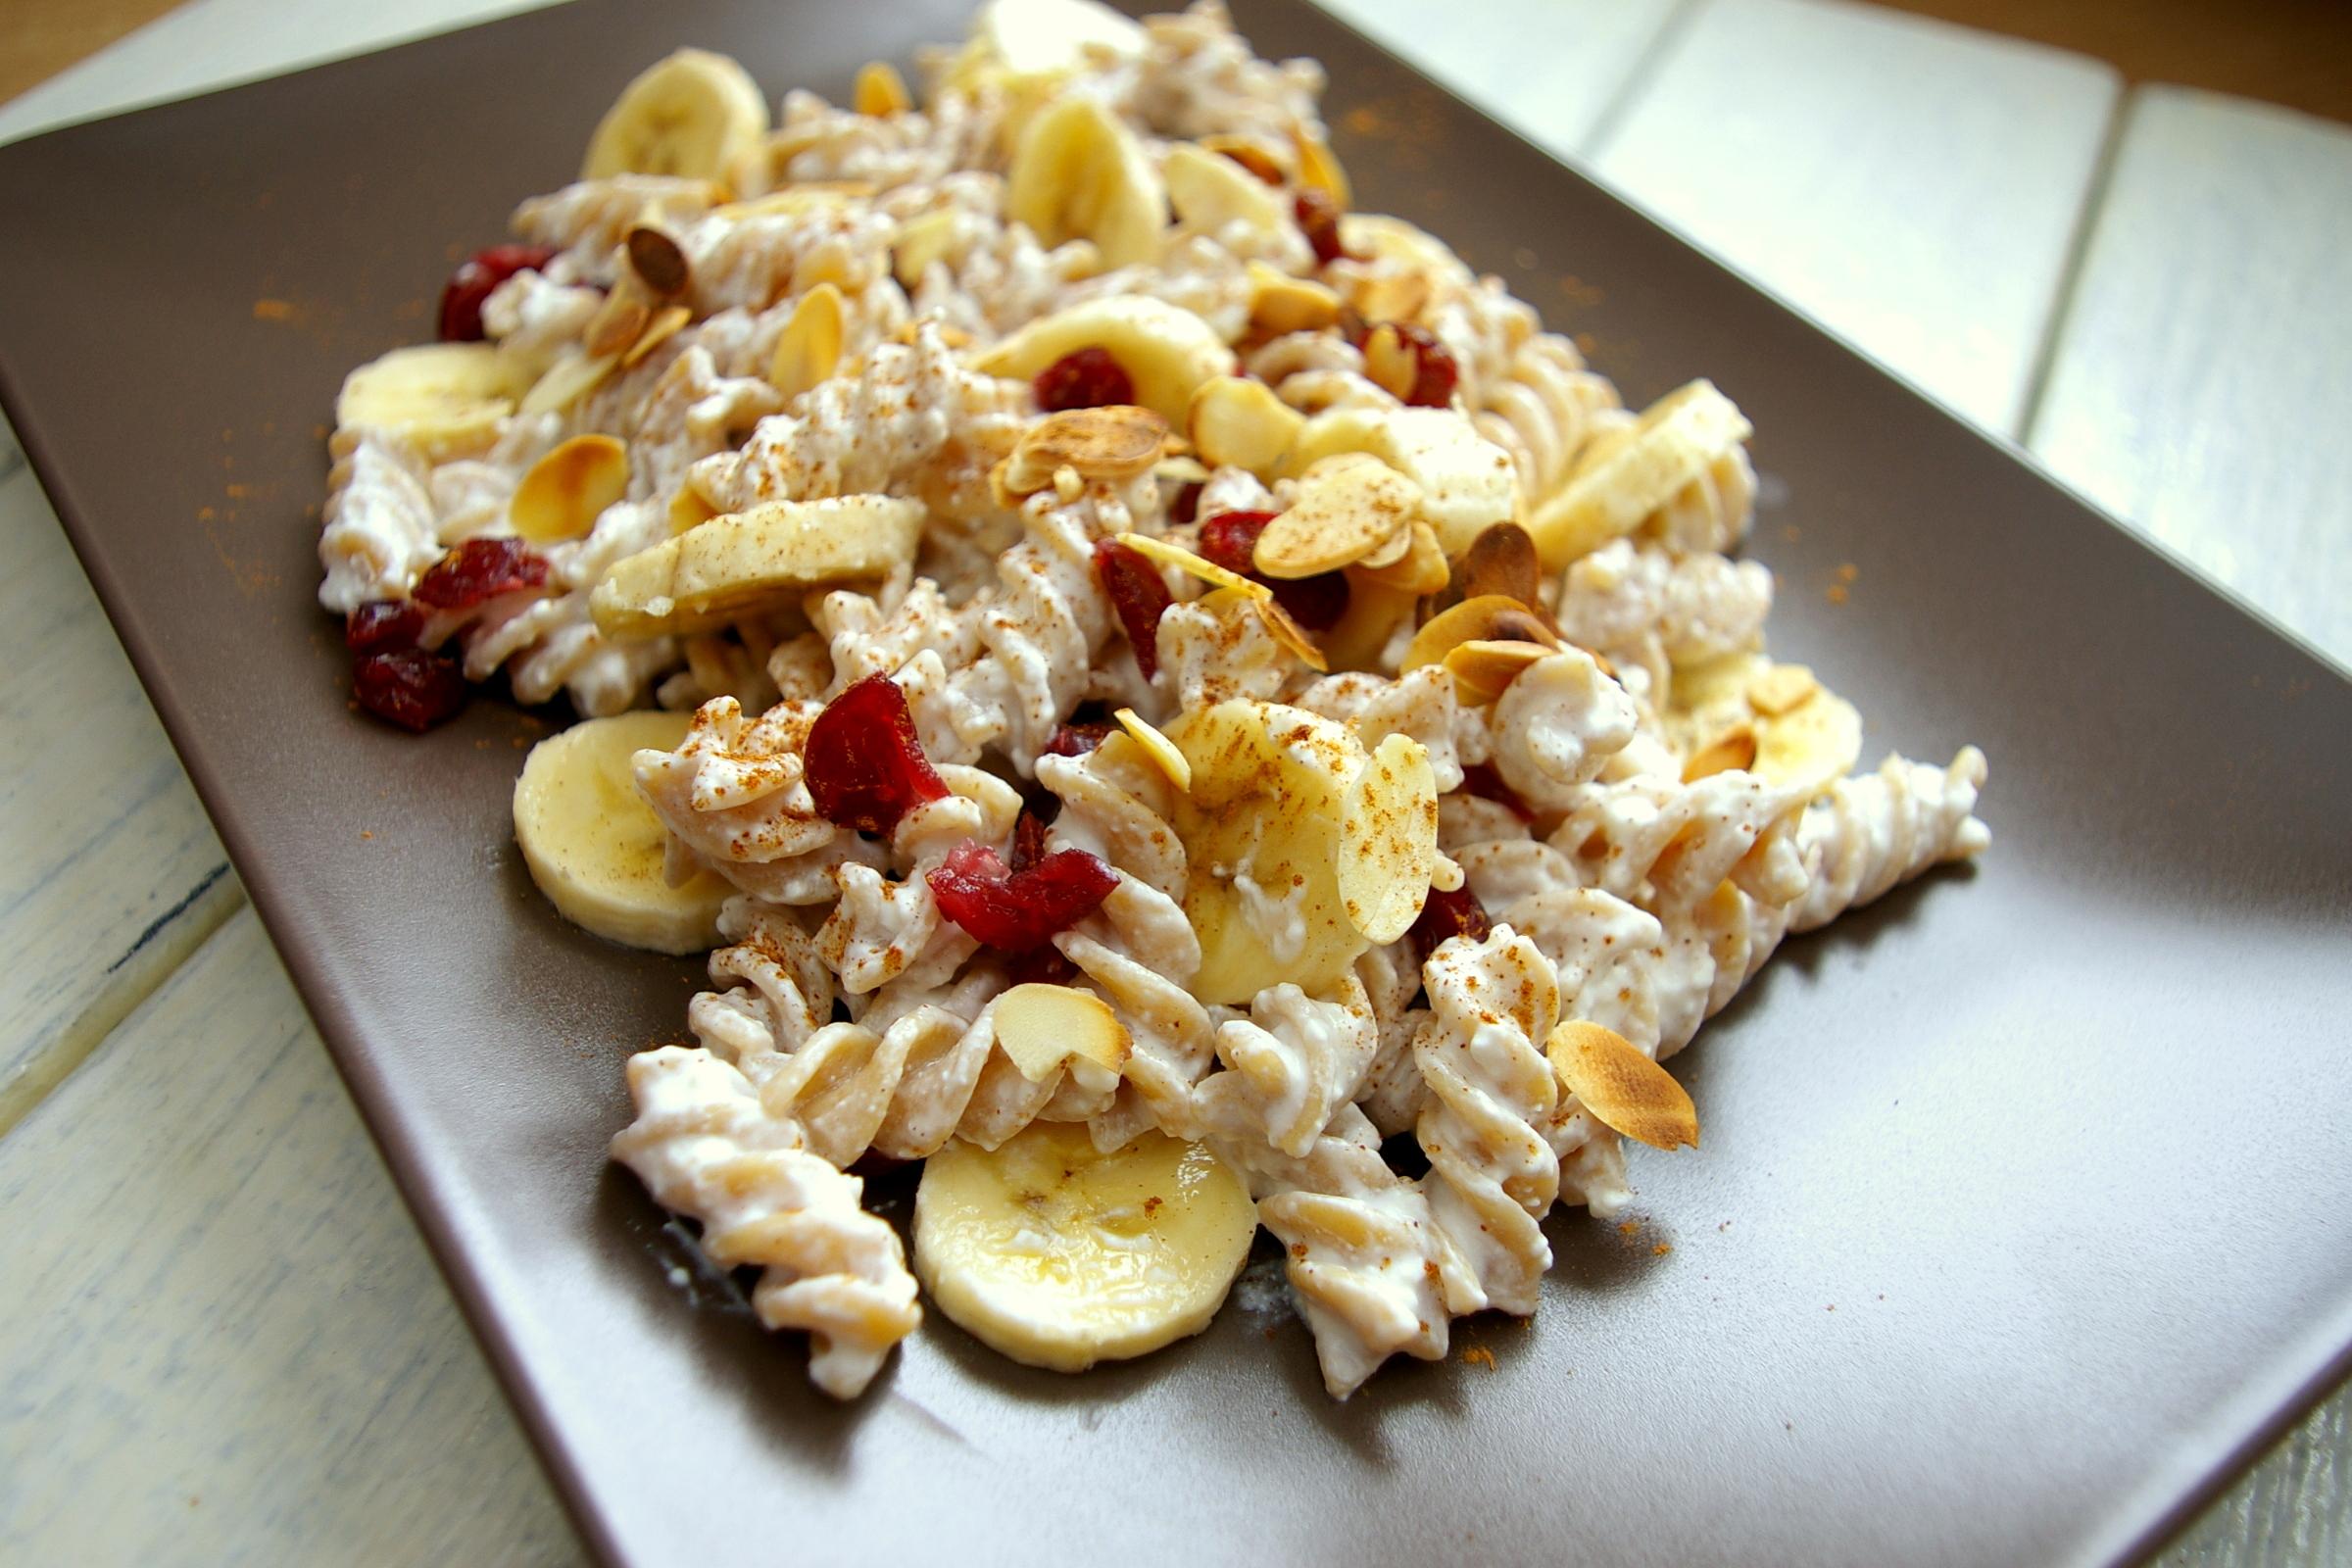 Makaron z twarogiem, bananem i prażonymi migdałami